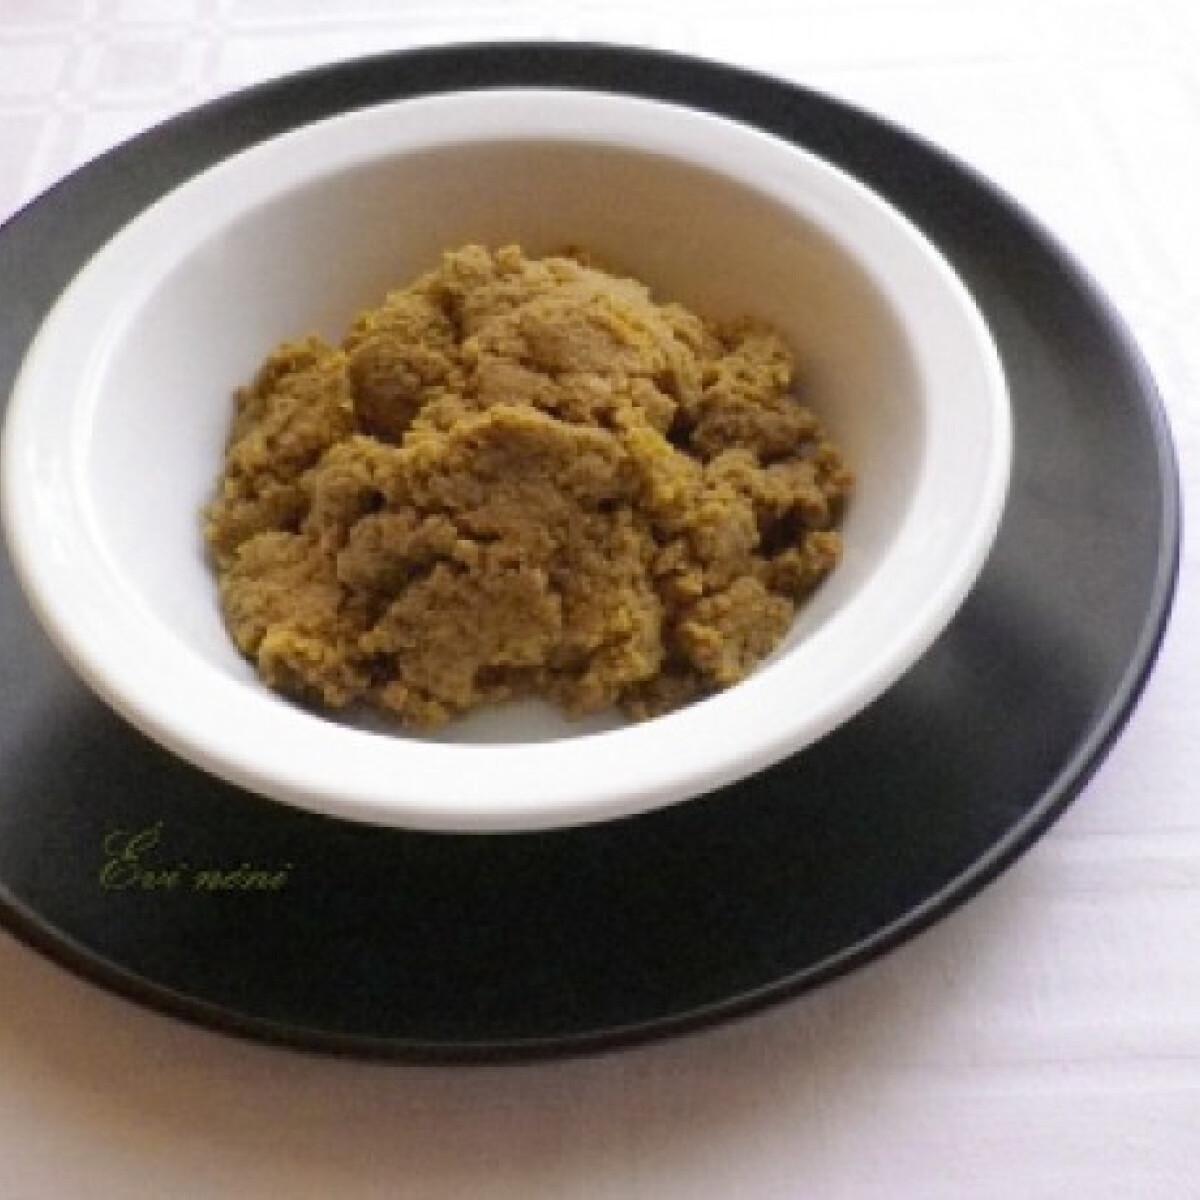 Zöld currypaszta